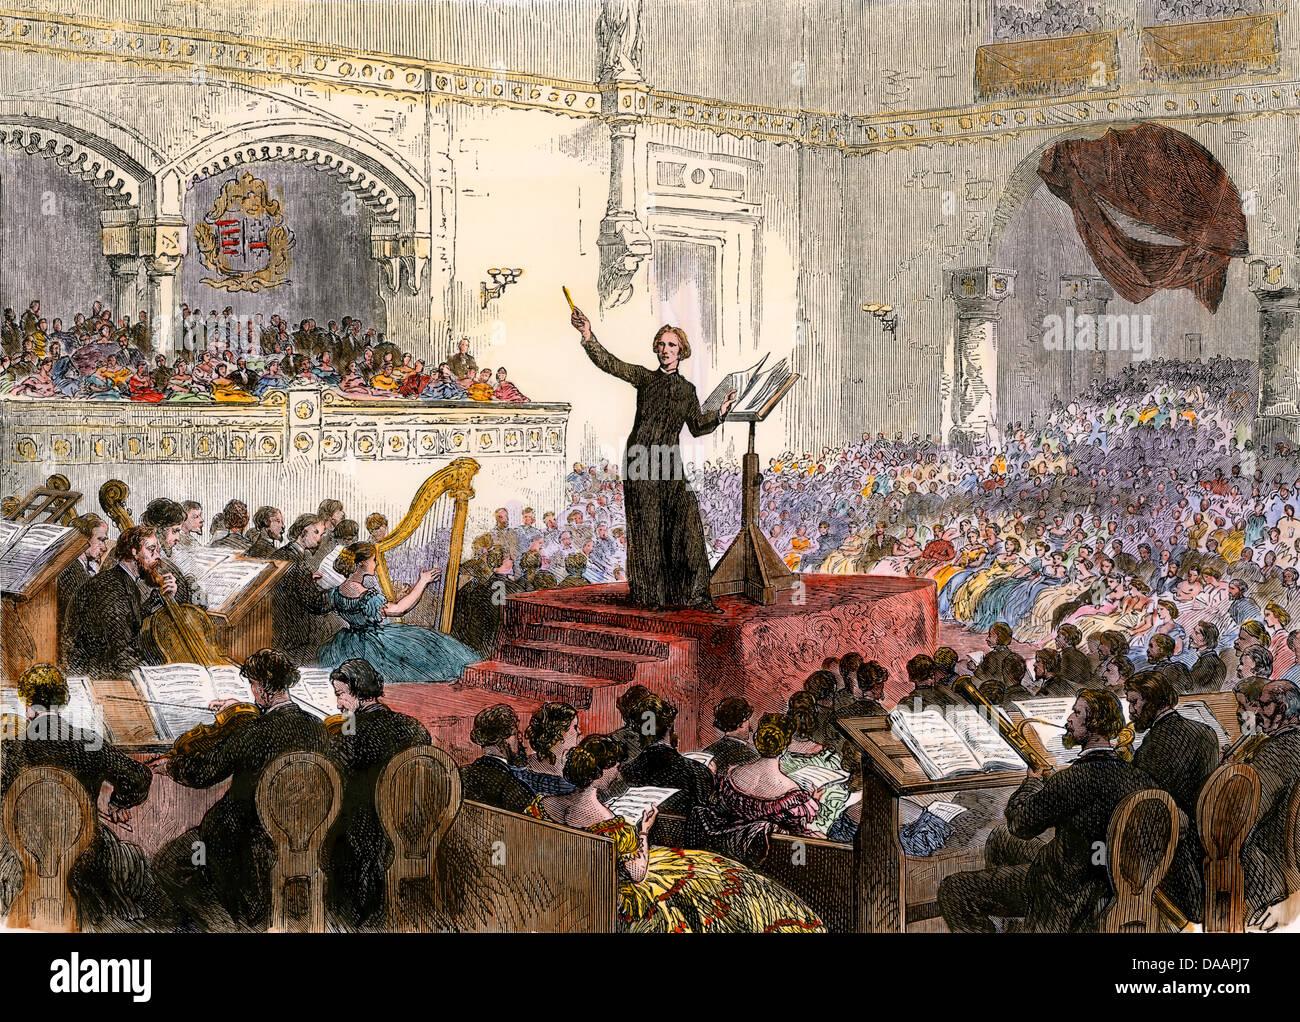 Franzi Liszt menant son nouveau Oratorio à Budapest, Hongrie, 1860. Photo Stock